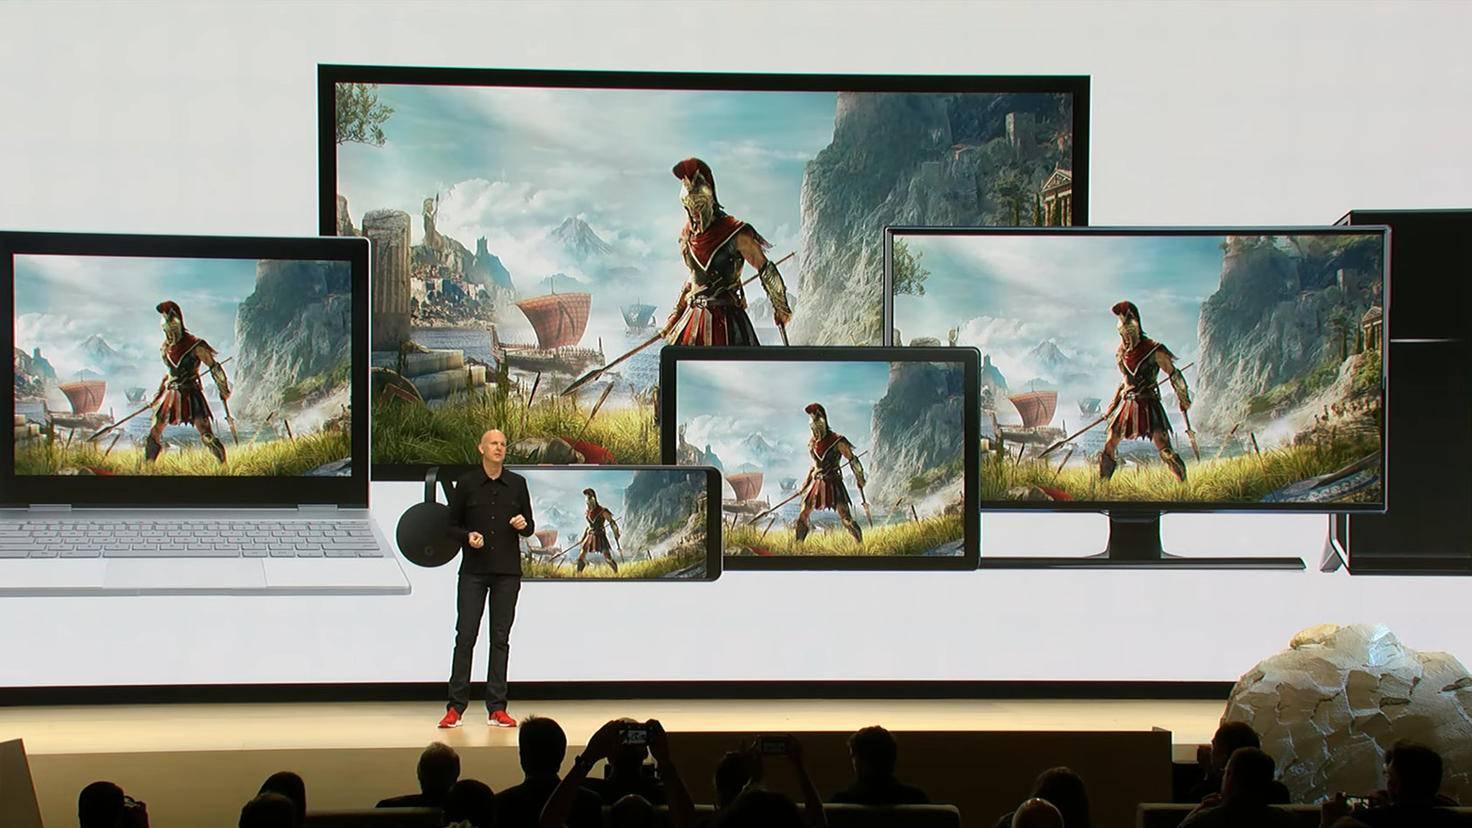 Vom Smartphone bis zum 4K-Fernseher: Google Stadia soll auf fast allen Geräten laufen.